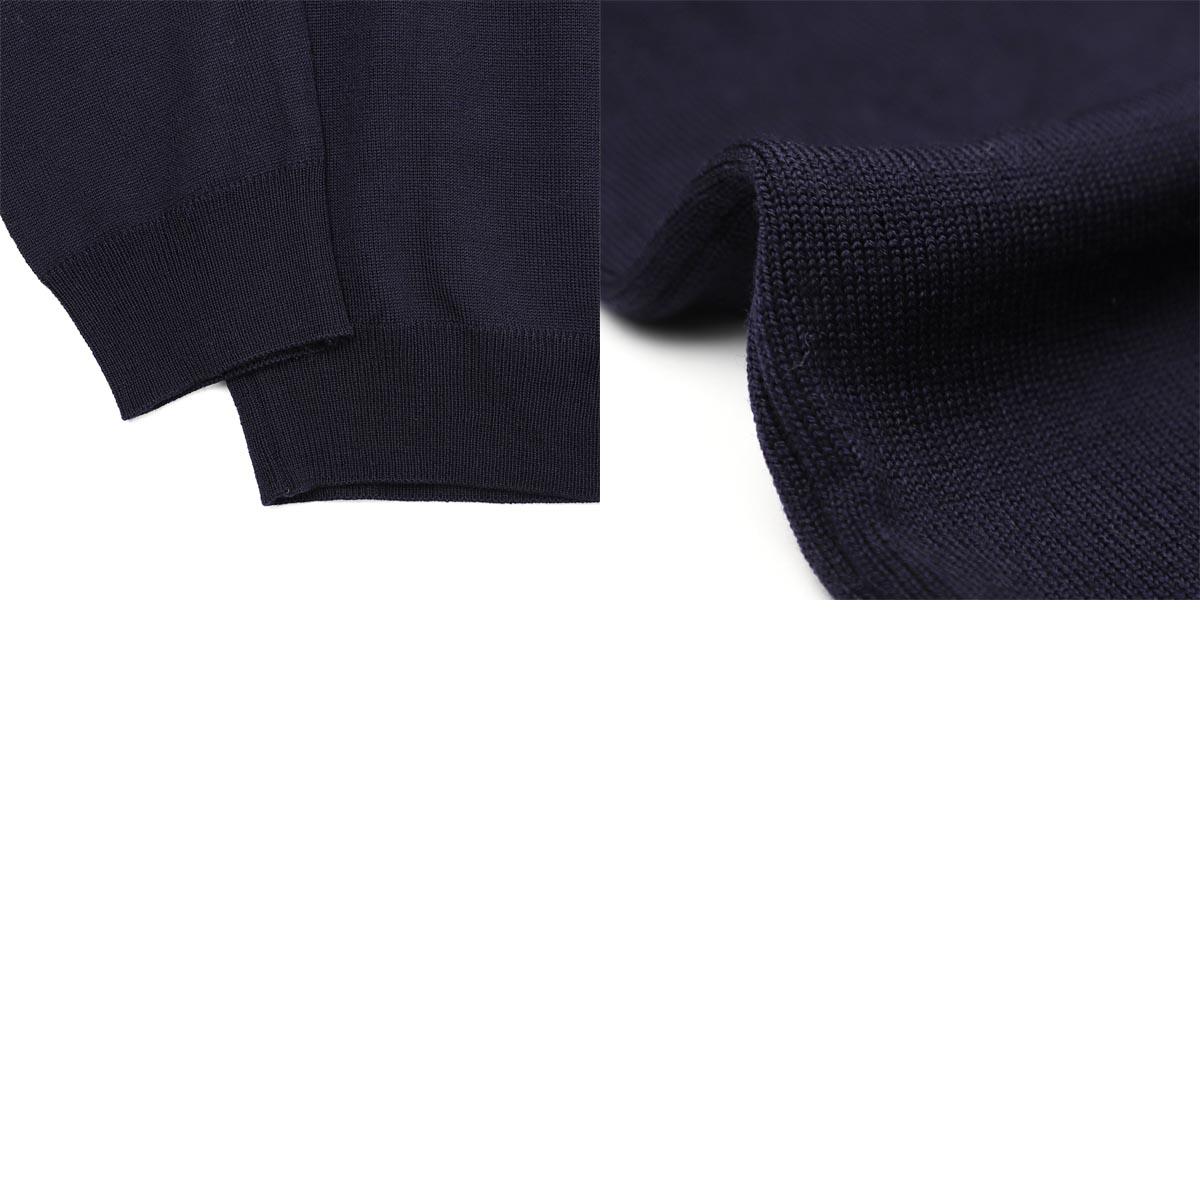 HERITAGE ヘリテージ タートルネックセーター/ハイネックセーター/HIGHT NECK SWEATER【大きいサイズあり】 メンズ